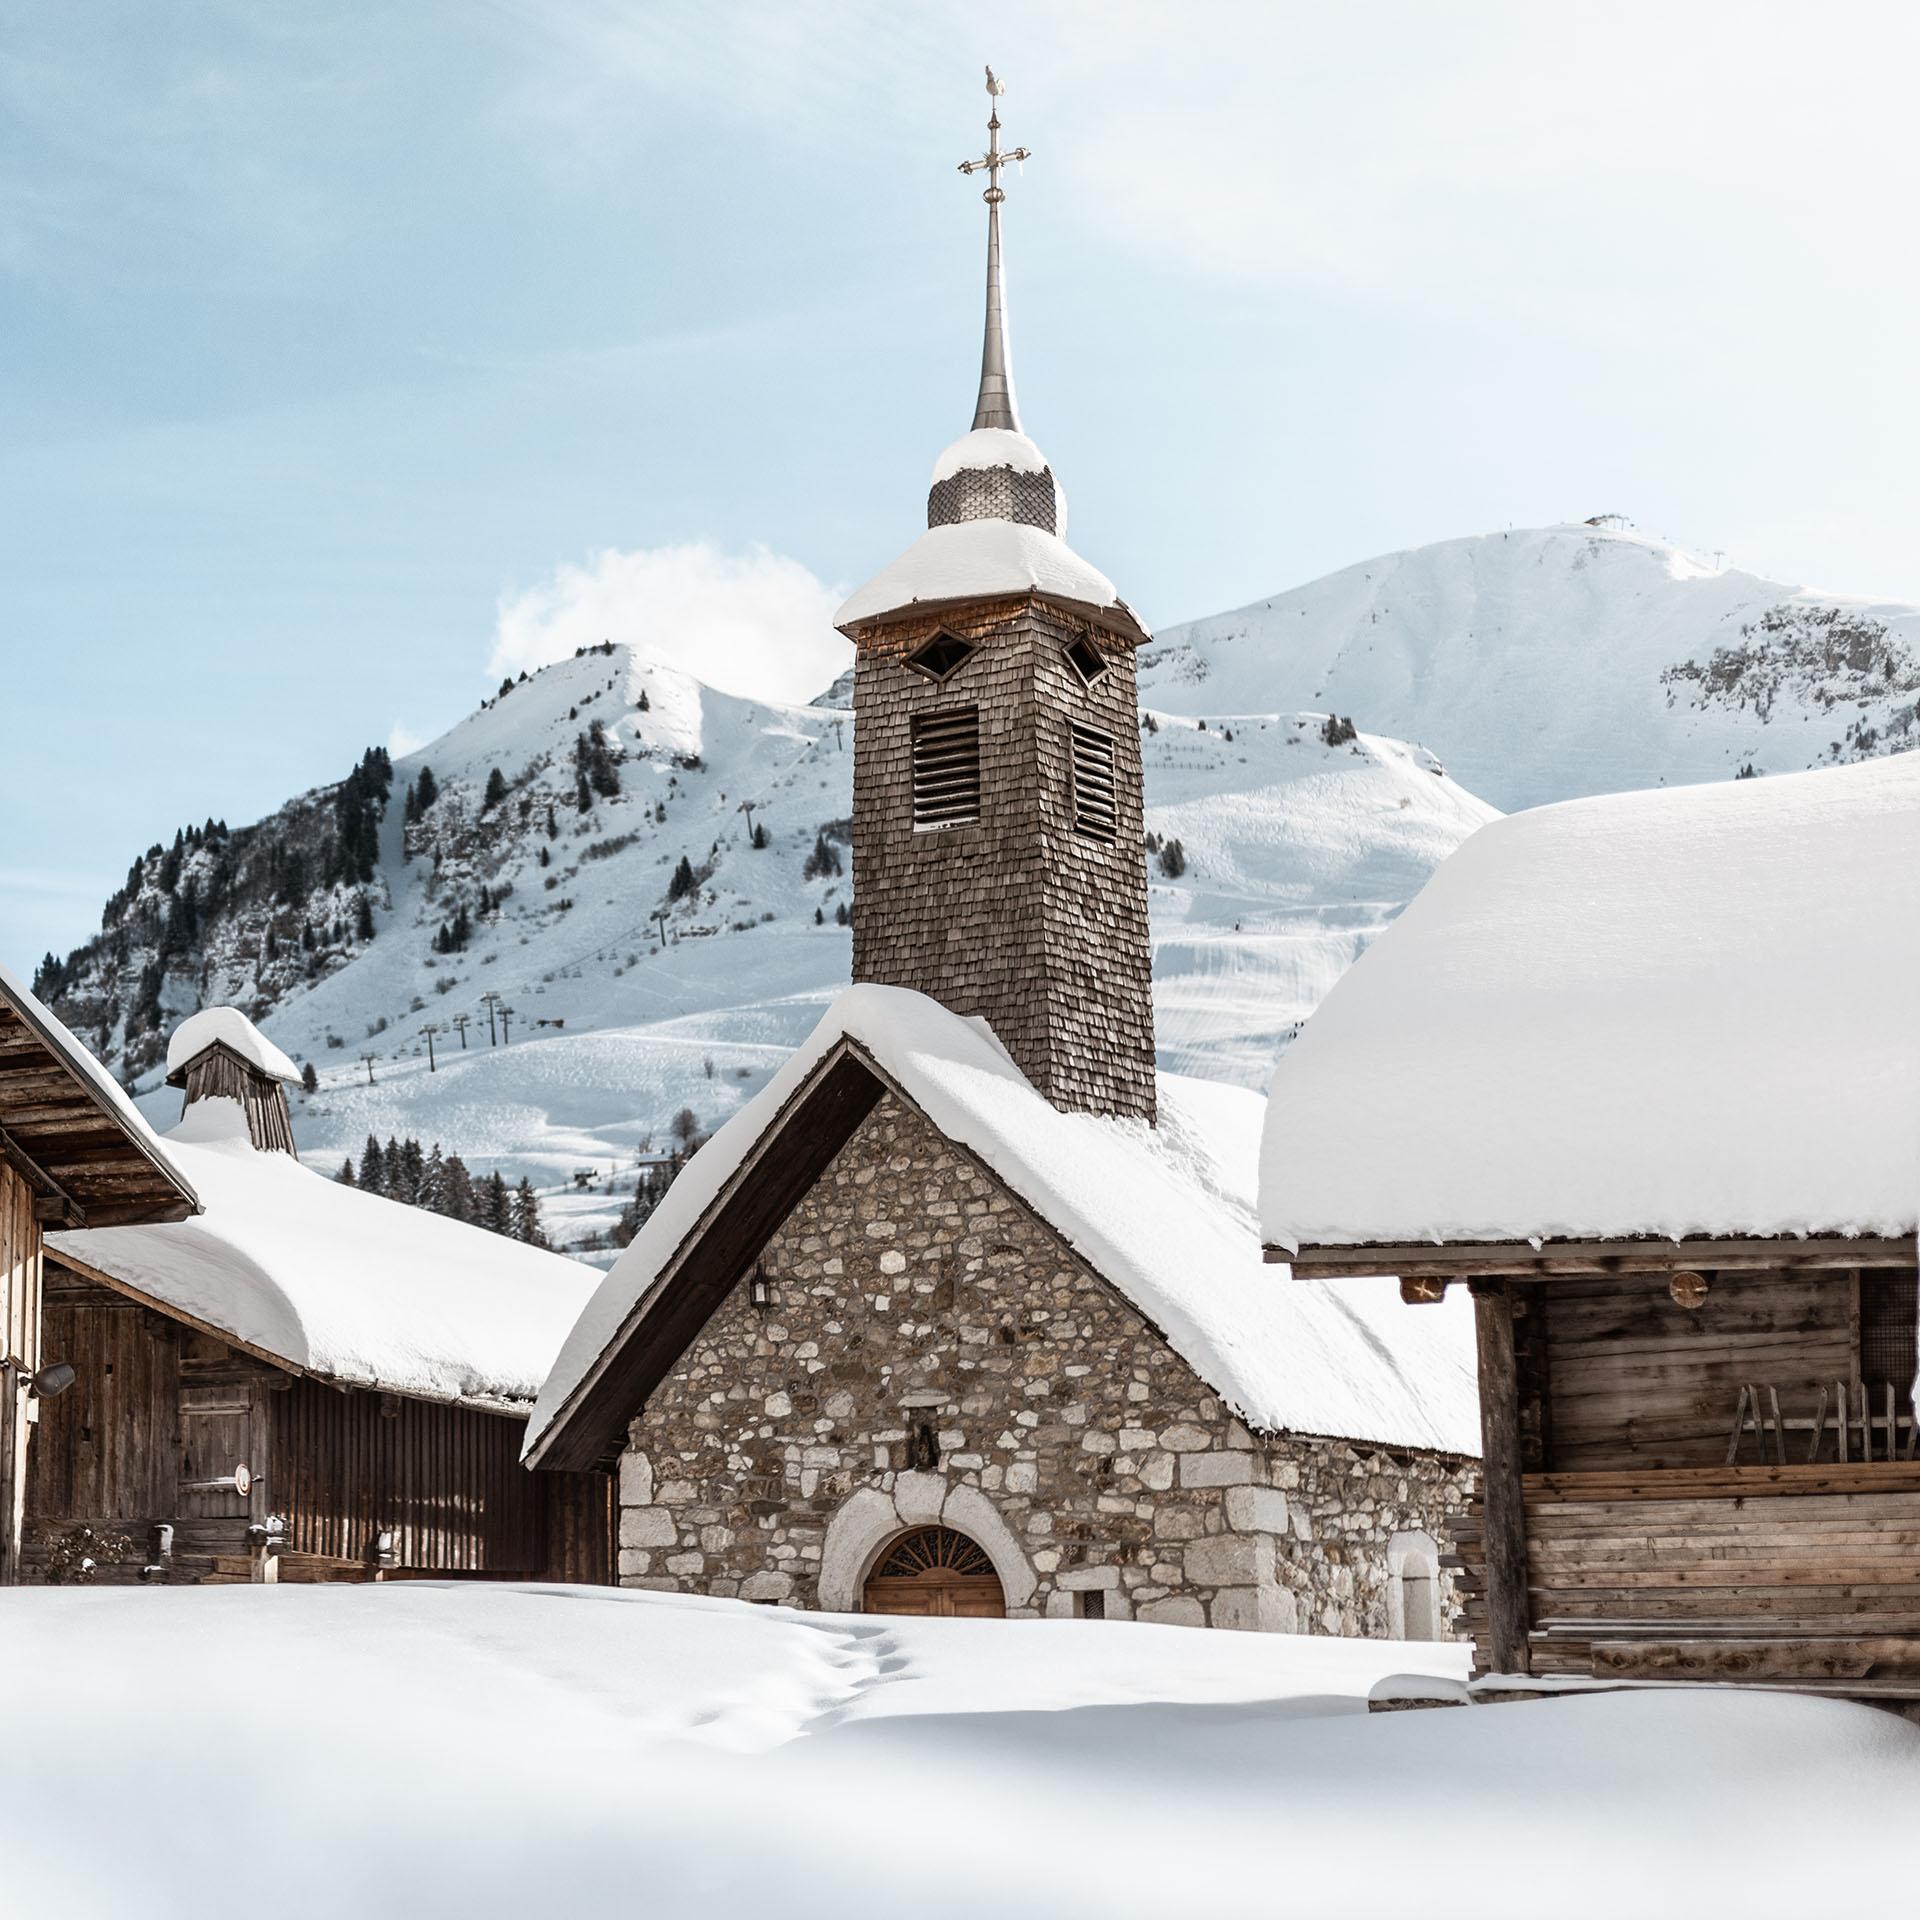 40aravis-clementhudry-chapelle-h19-web-carre-196591